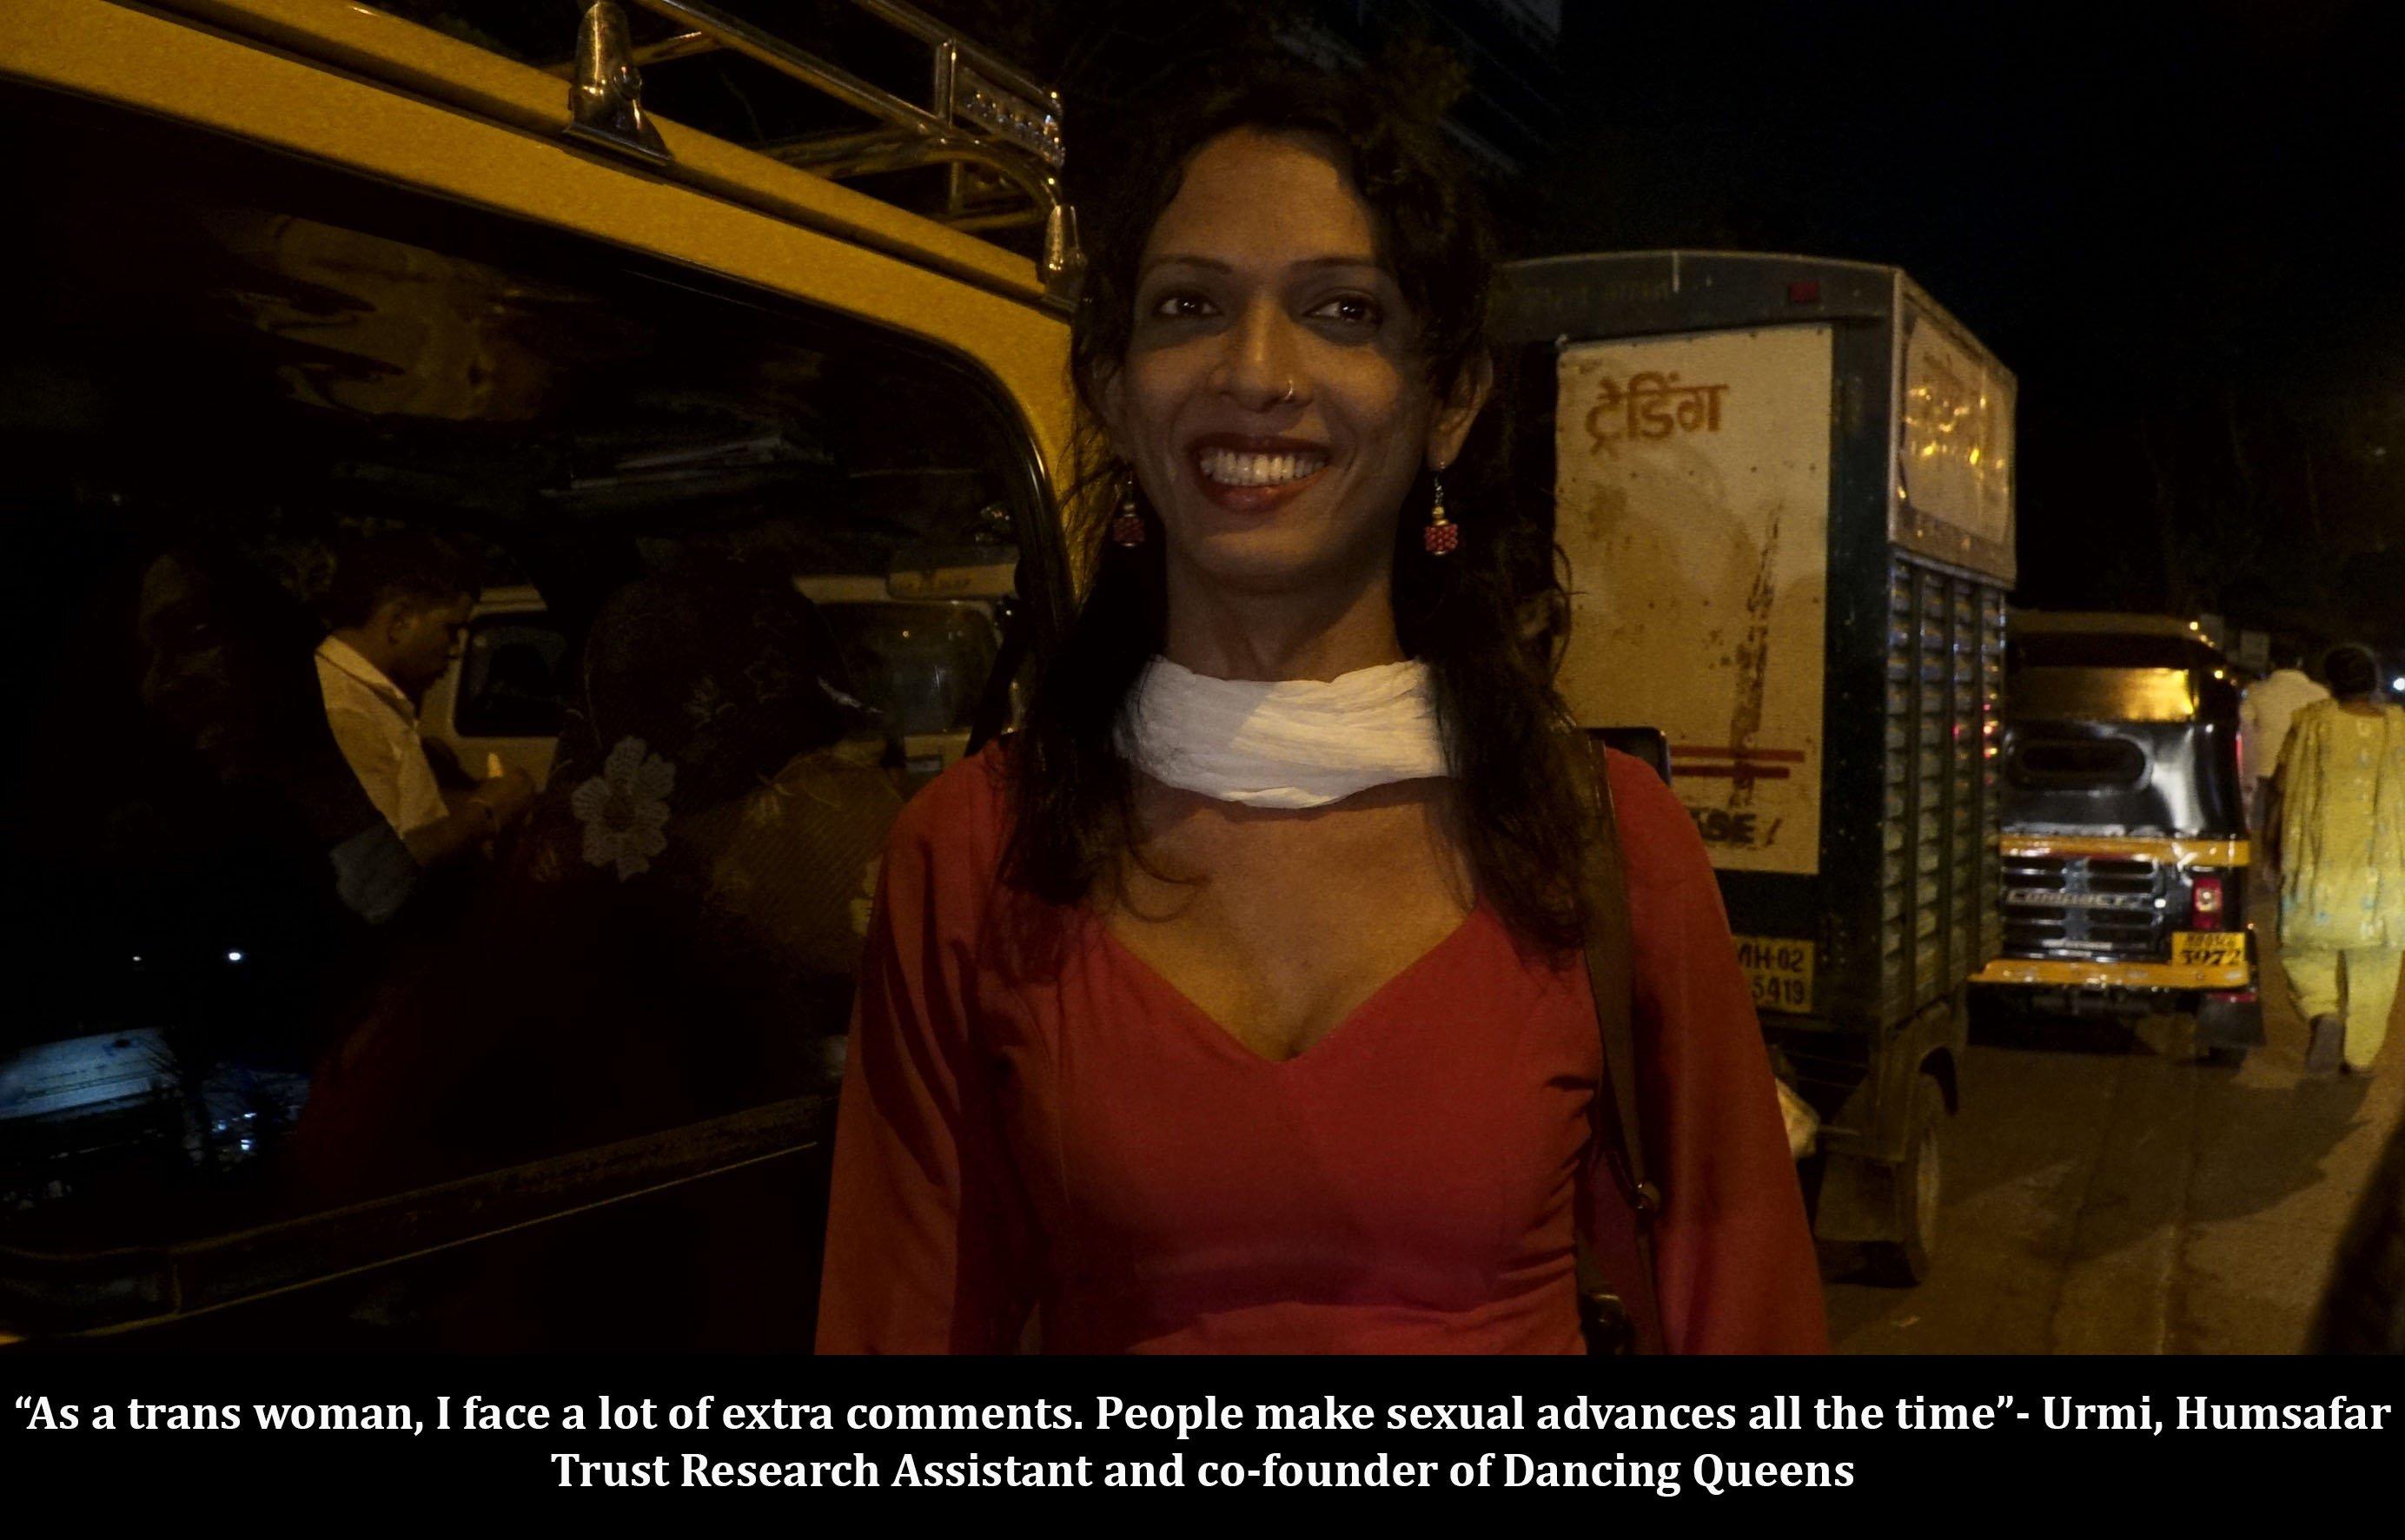 Urmi, LGBT activist